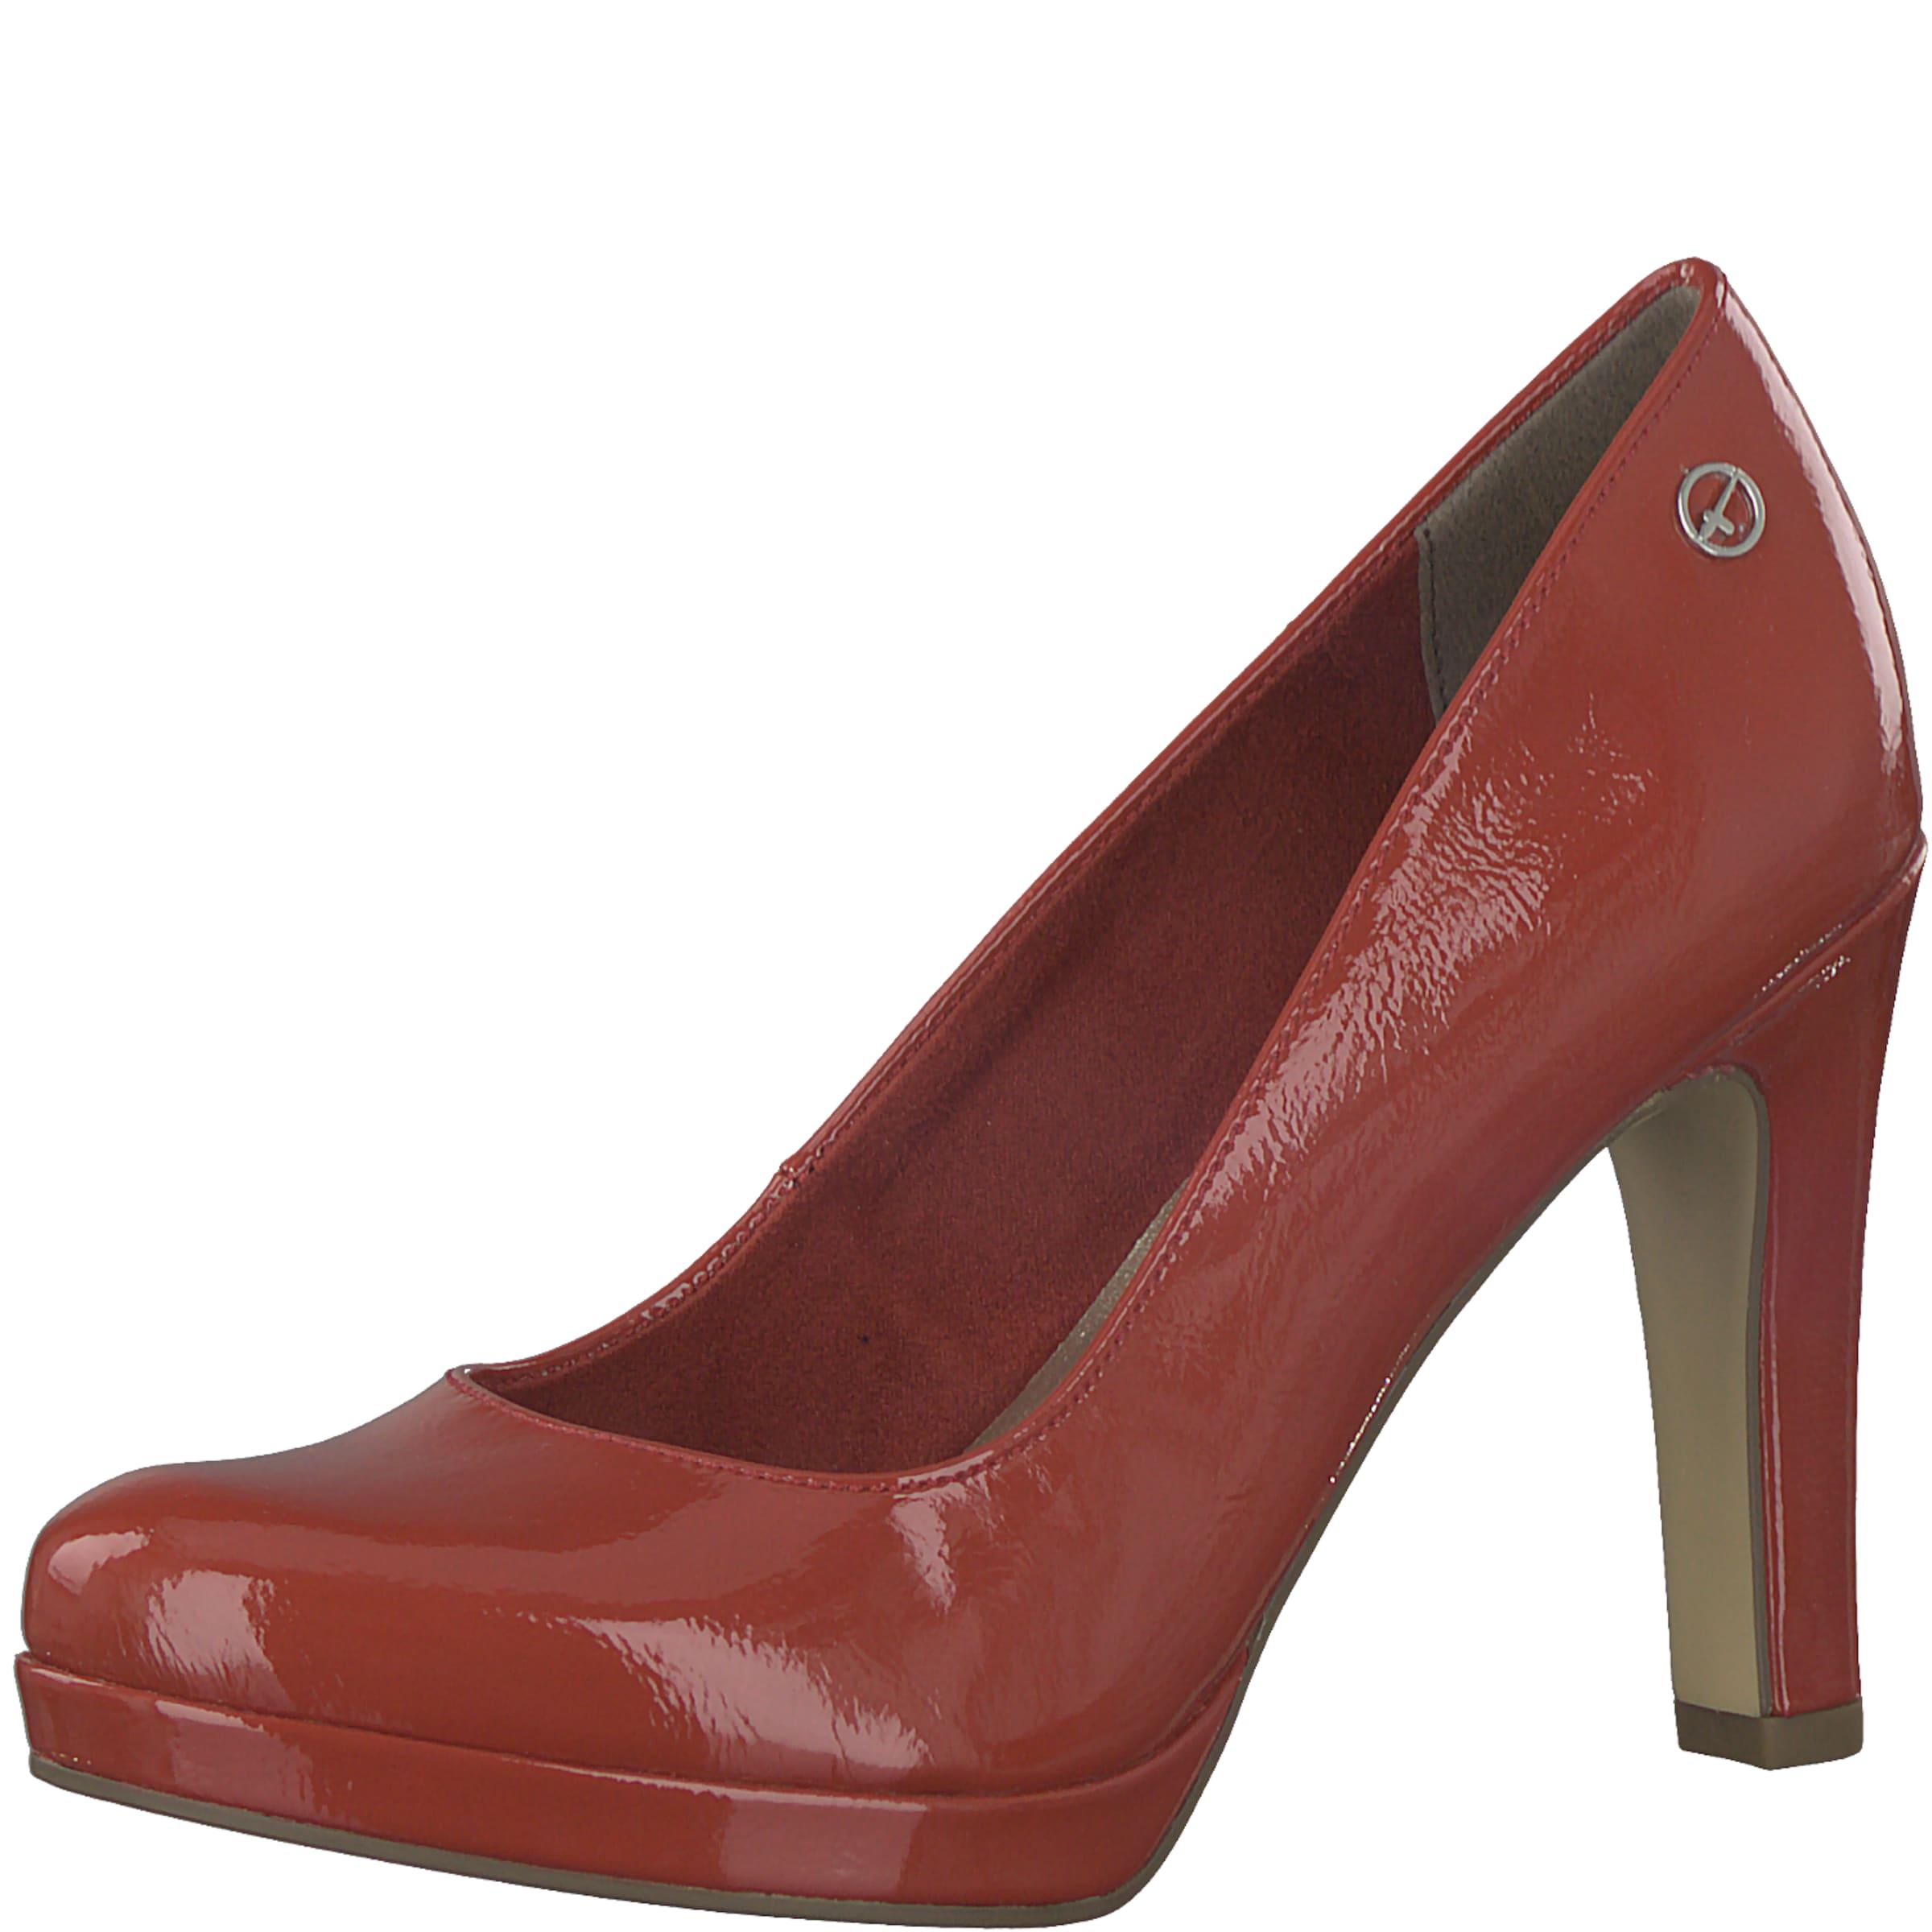 Ankle Boots | Stiefeletten : Nizza Schuhe Nachfrage kaufen